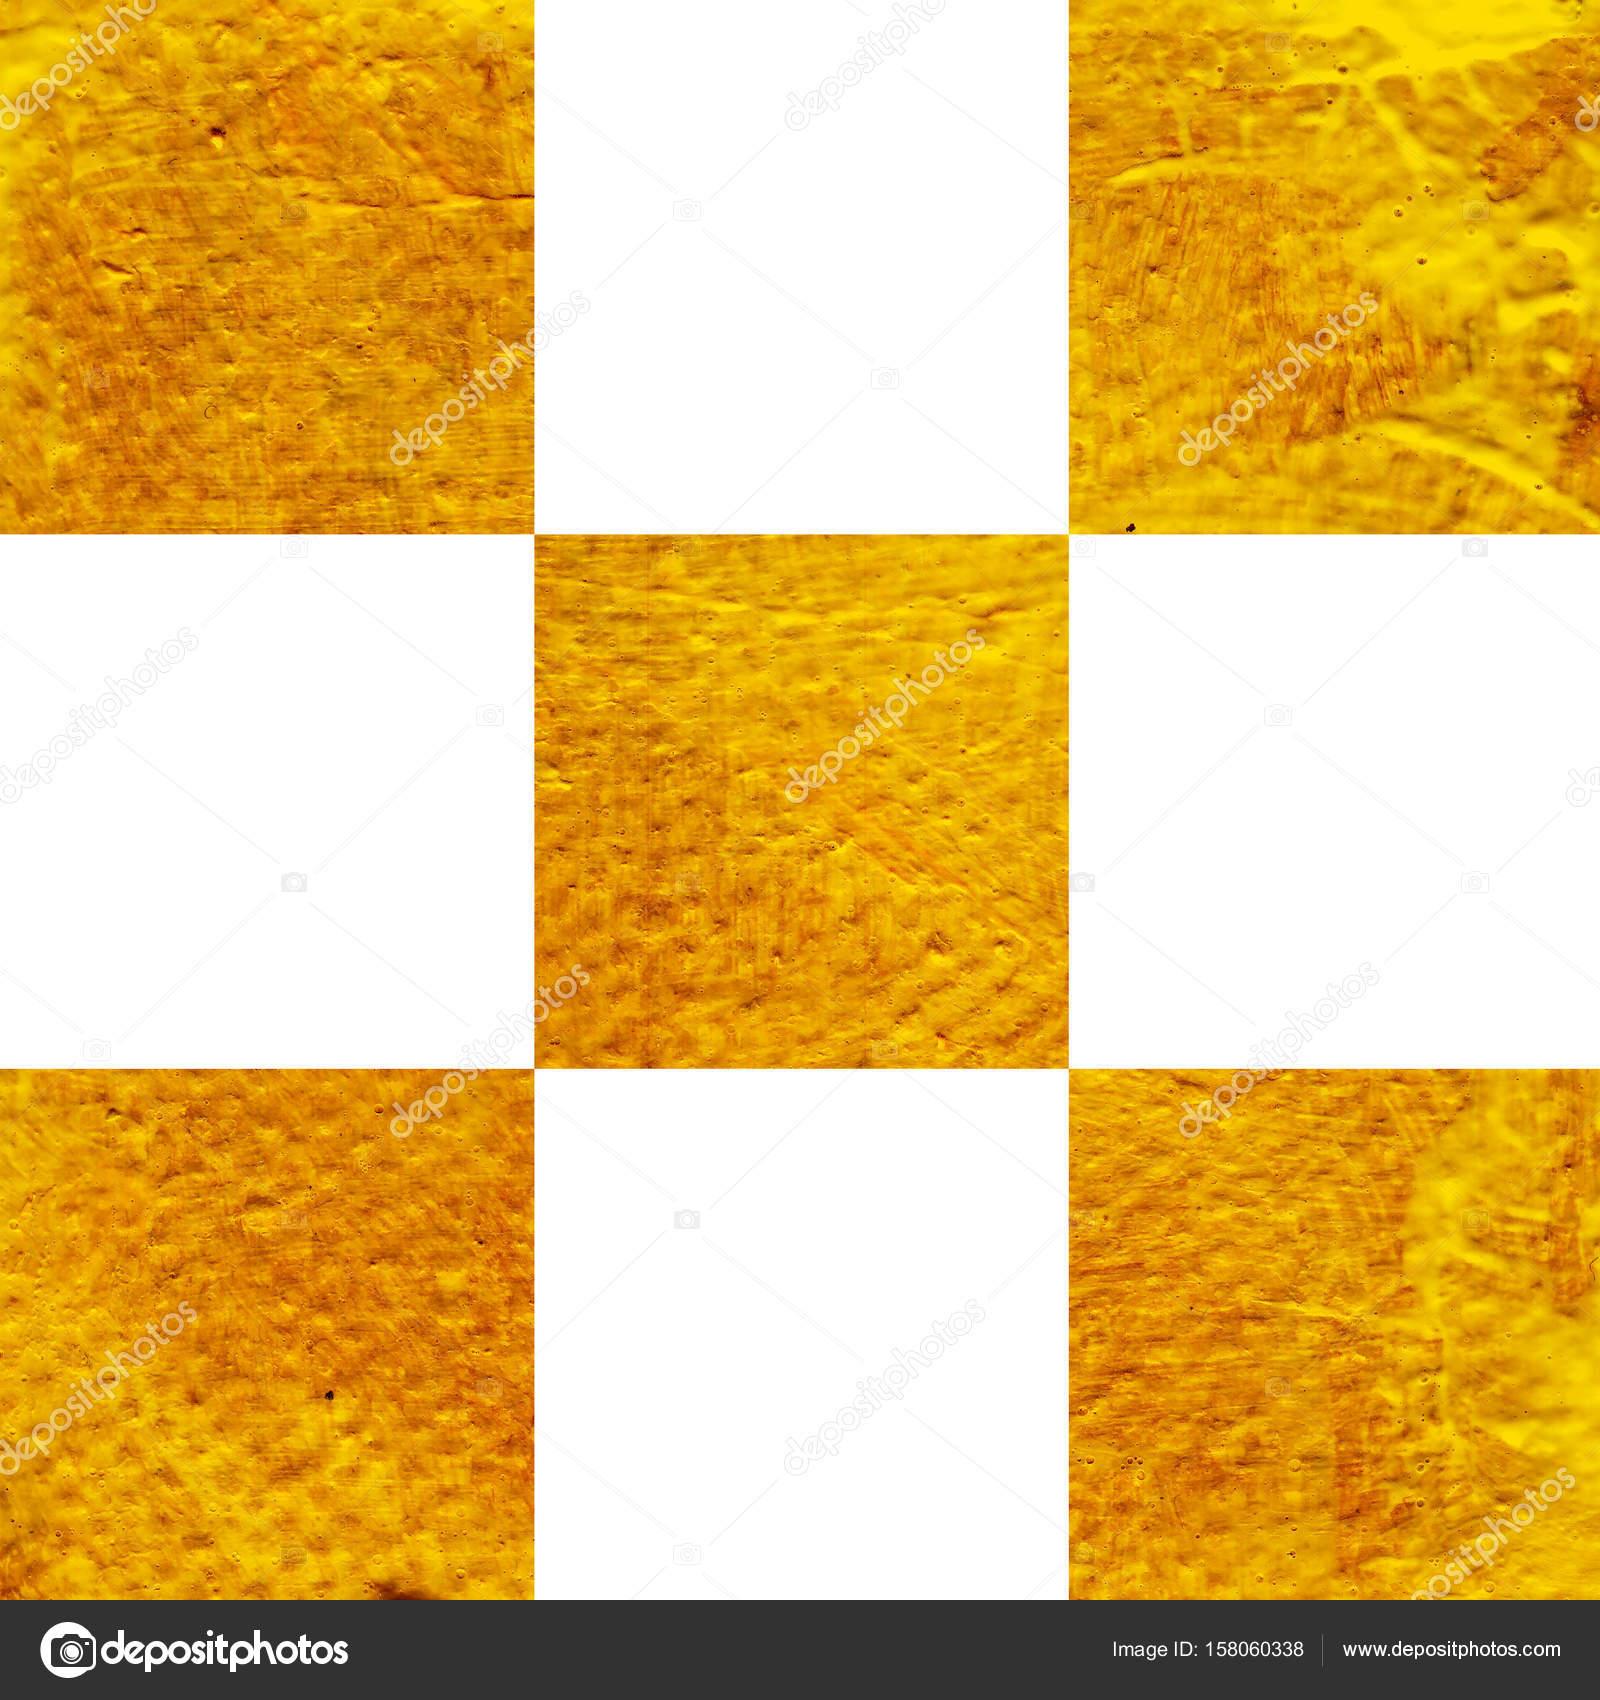 Abstrakt Gelb Orange Acryl Hand Farbe Hintergrund Stockfoto K